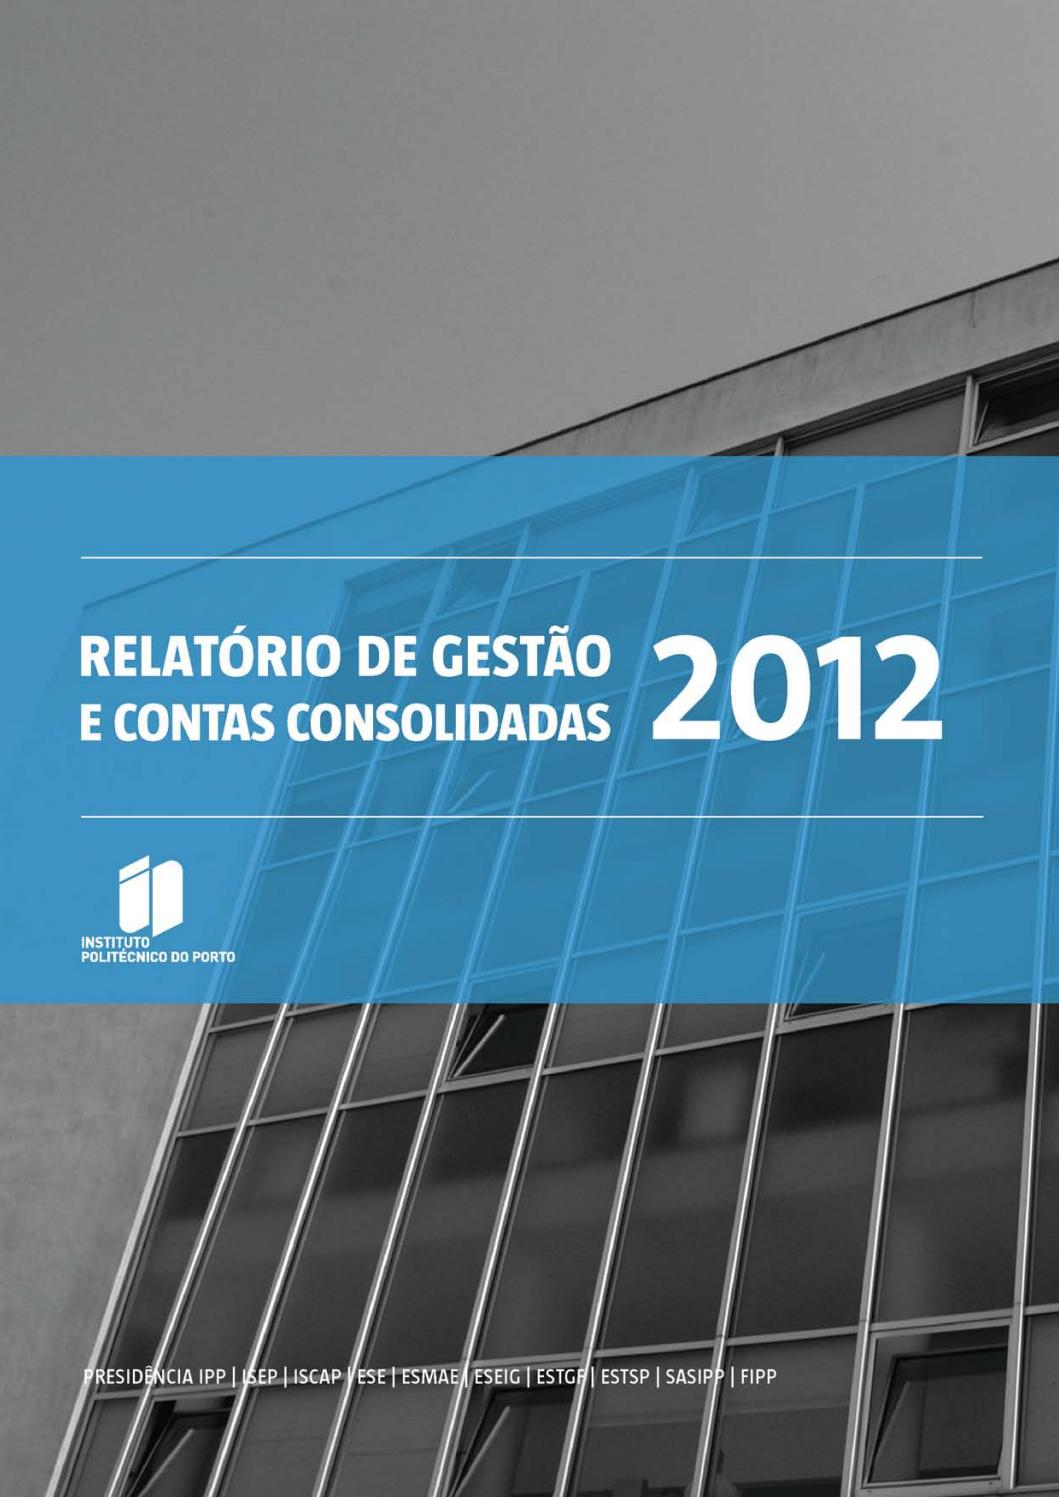 Politécnico do Porto   Relatório de gestão e contas consolidadas 2012 by  Politécnico do Porto - issuu 1dab24ecfd